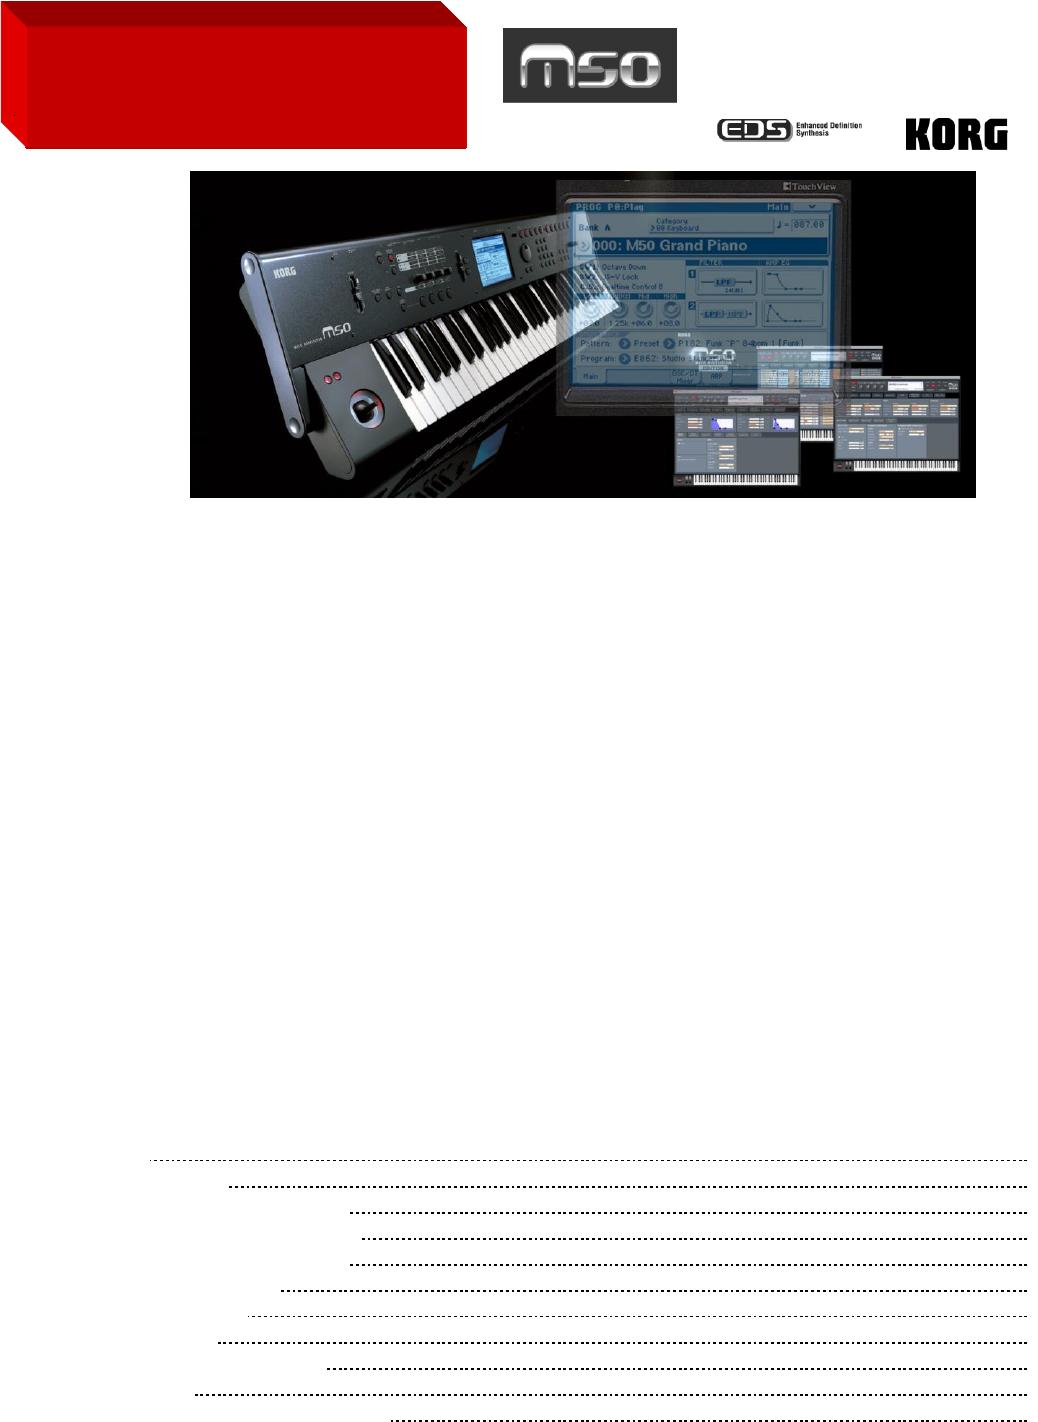 korg electronic keyboard m50 user guide manualsonline com rh music manualsonline com Korg M3 Black Korg Krome